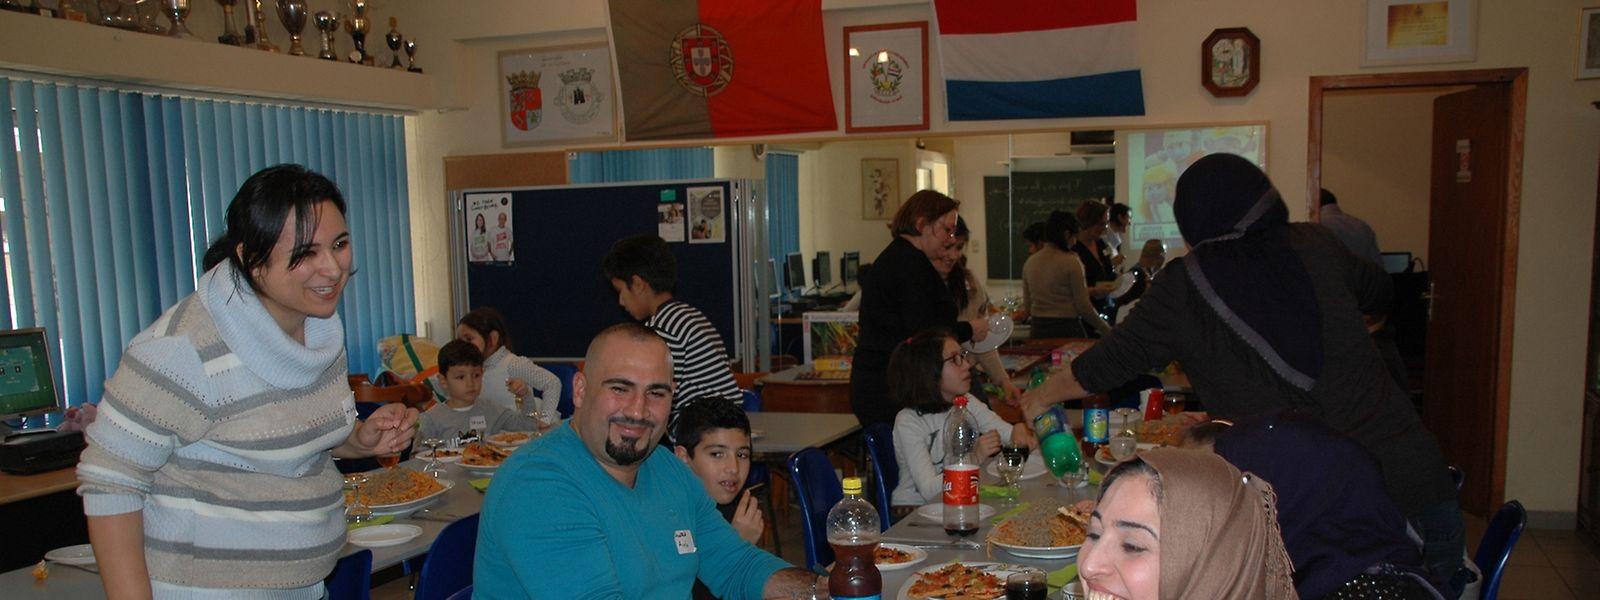 Begegnungsstätte für Einheimische und Flüchtlinge im Wiltzer interkulturellen Zentrum.